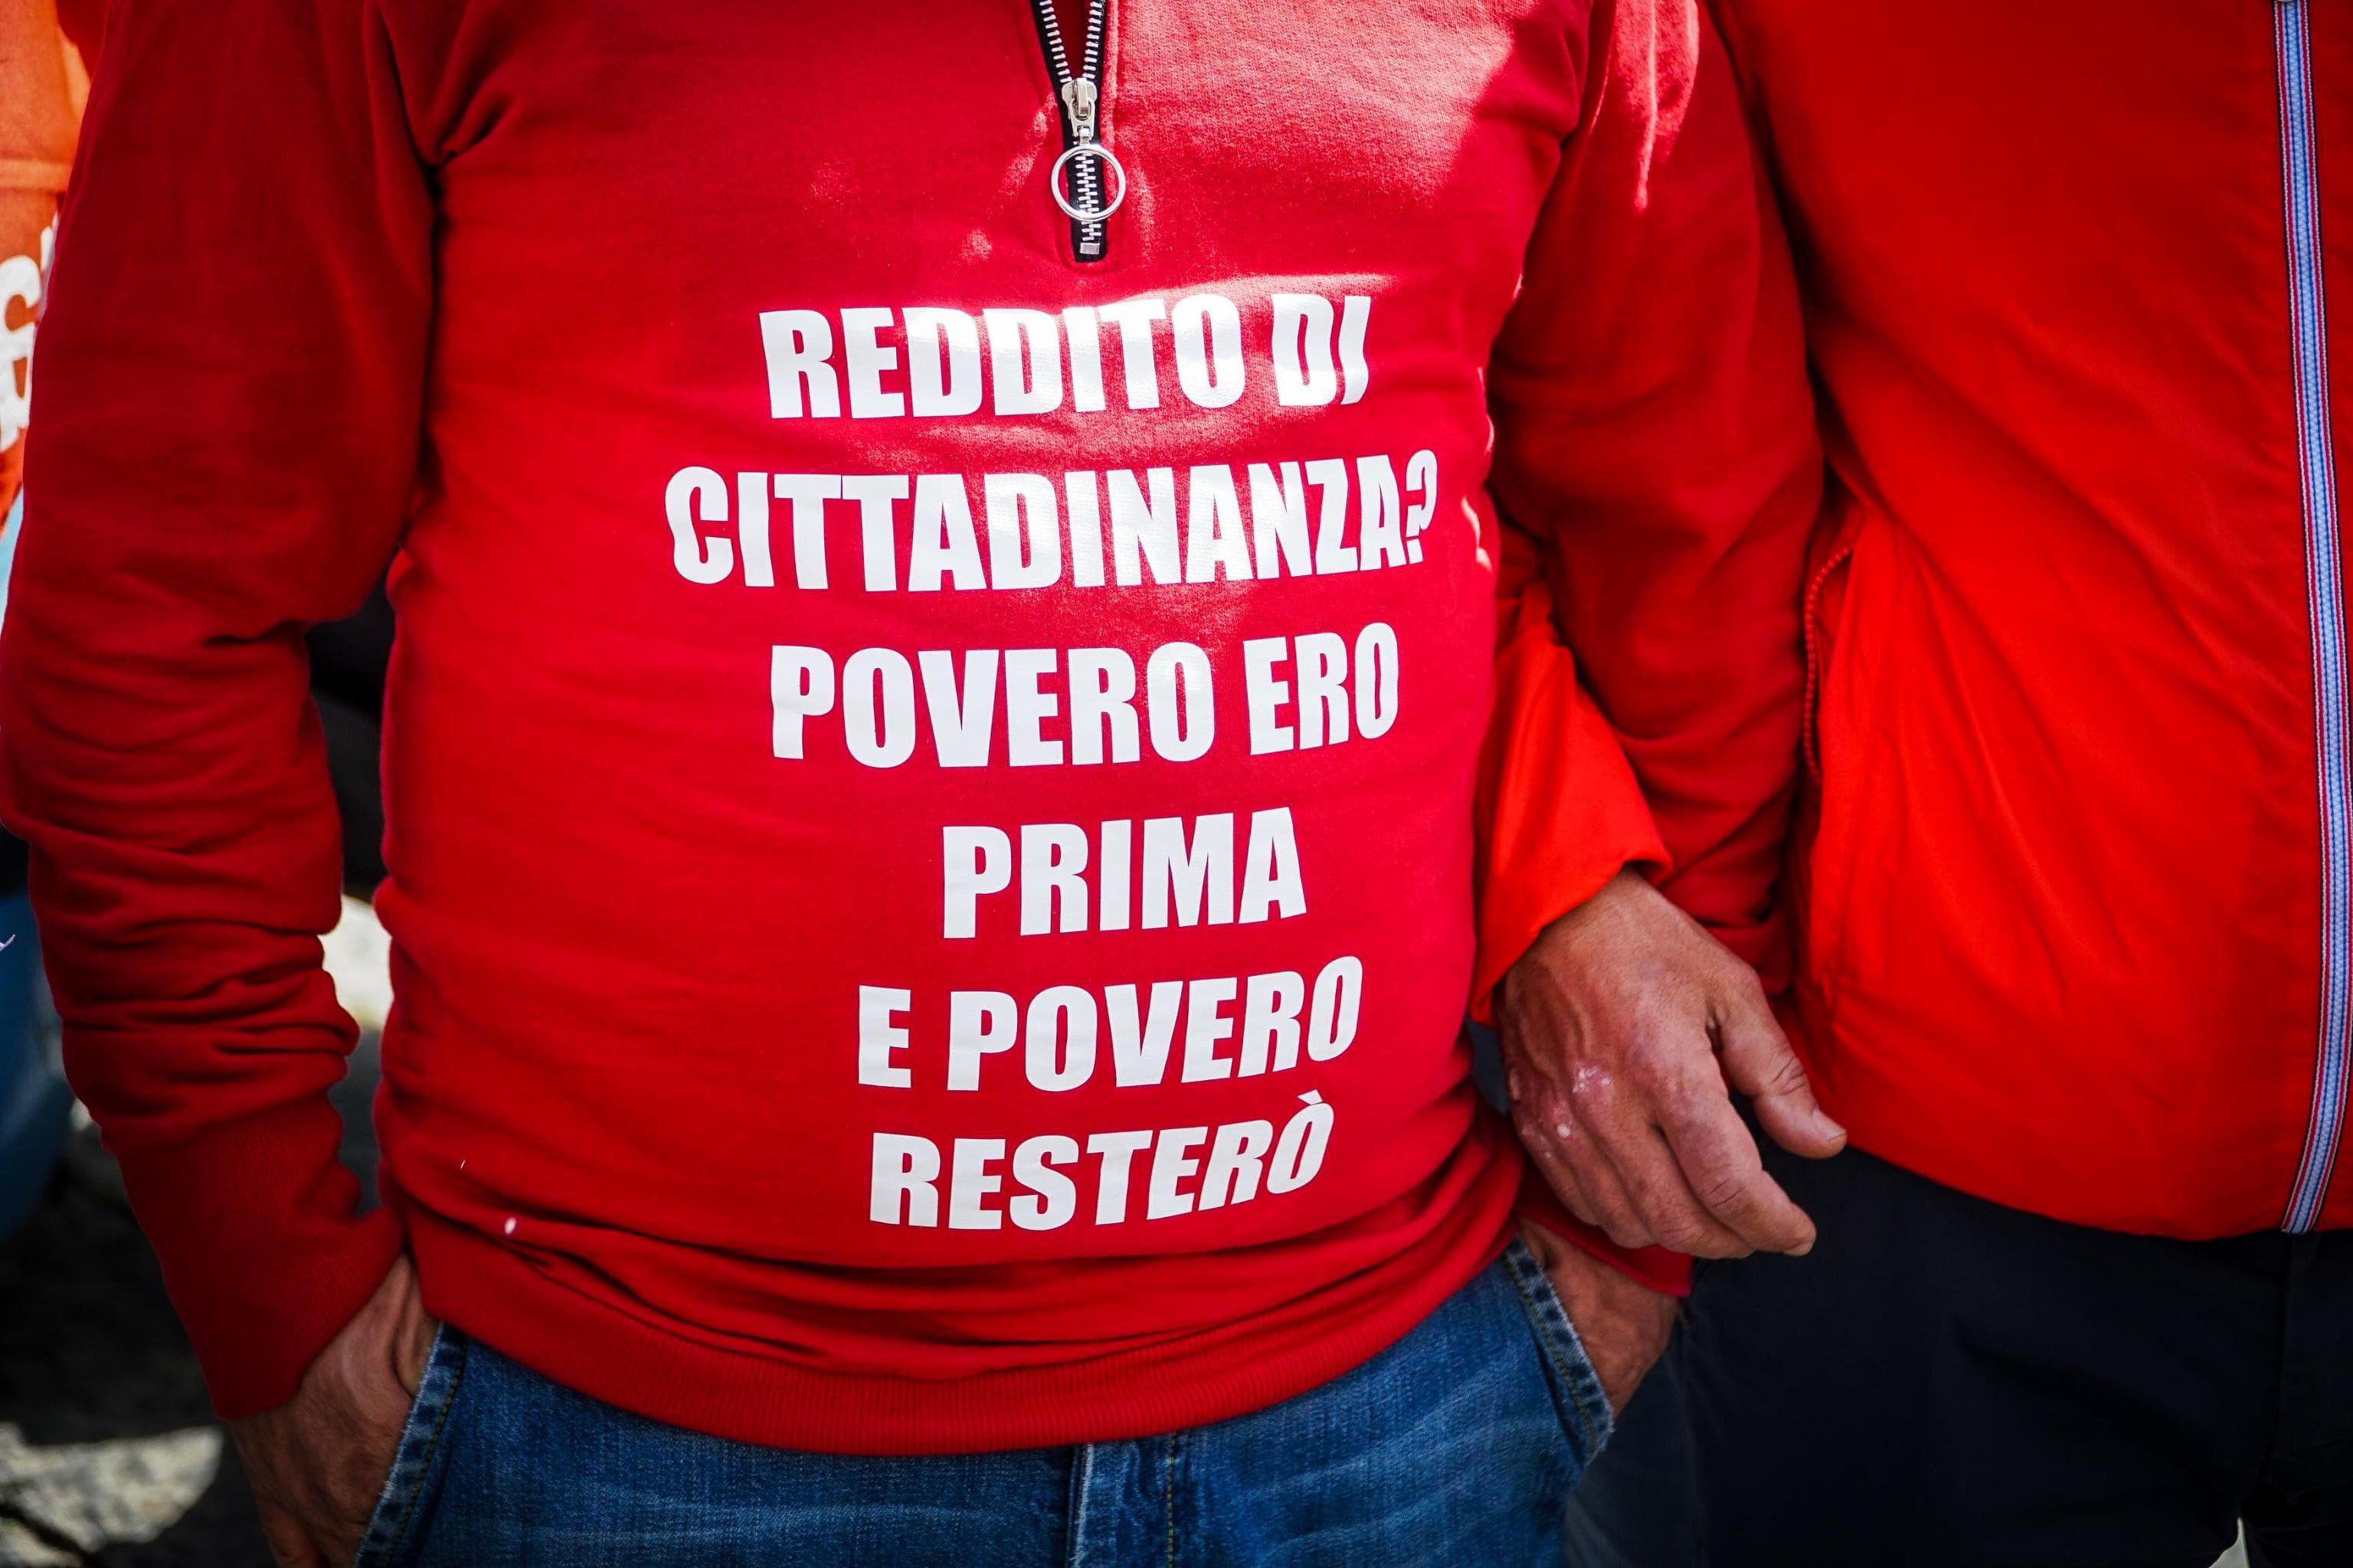 protesta reddito cittadinanza ansa-2